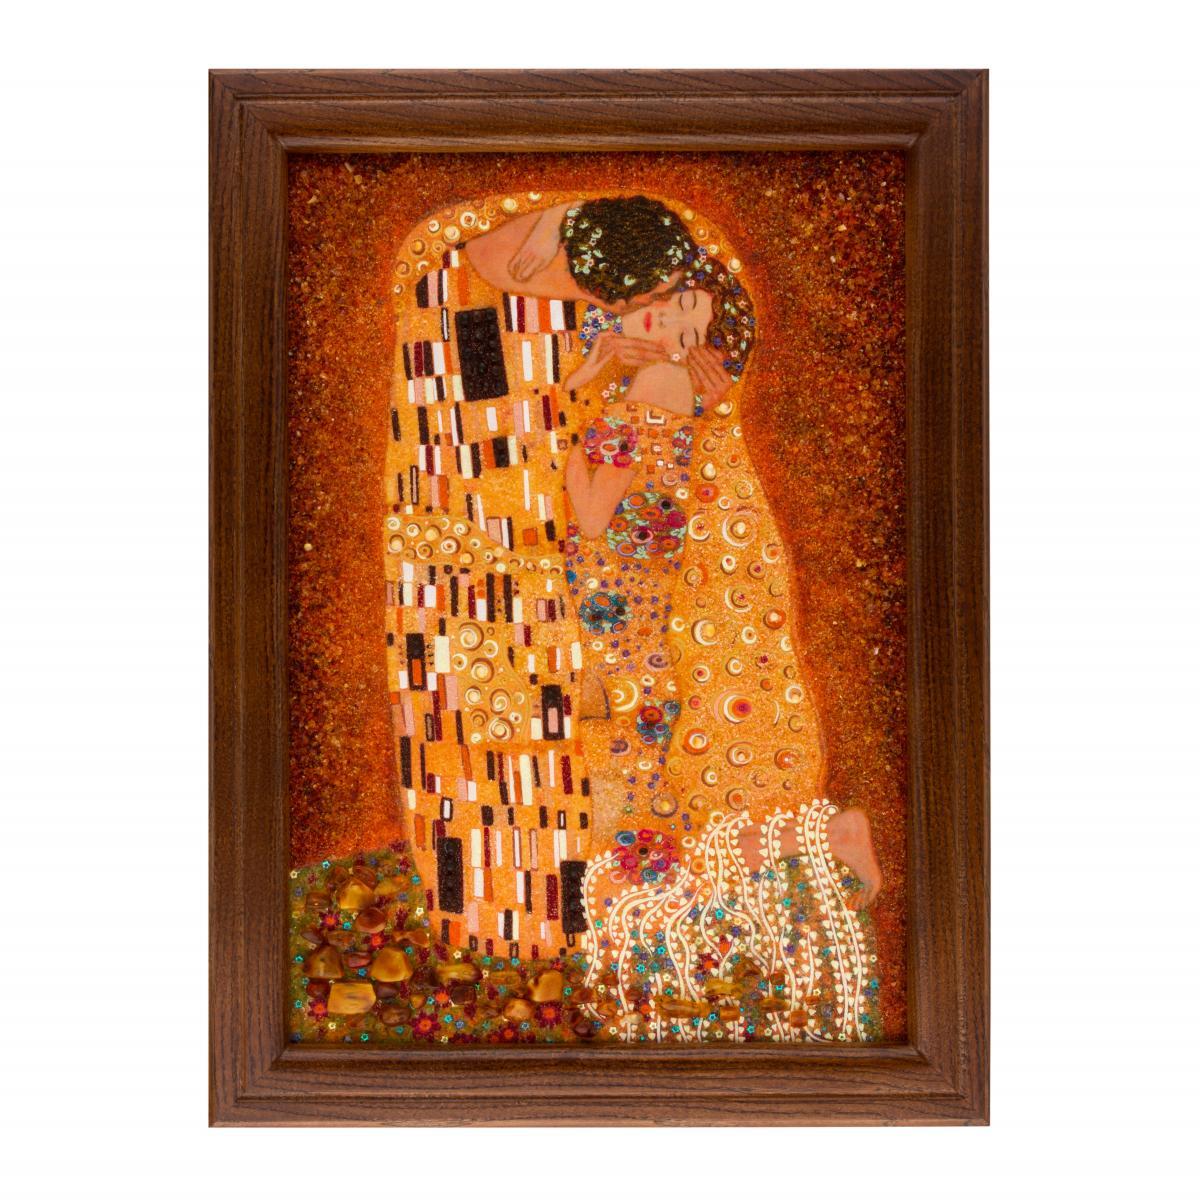 Картина из янтаря Любви. Фото №1. | Народный дом Украина